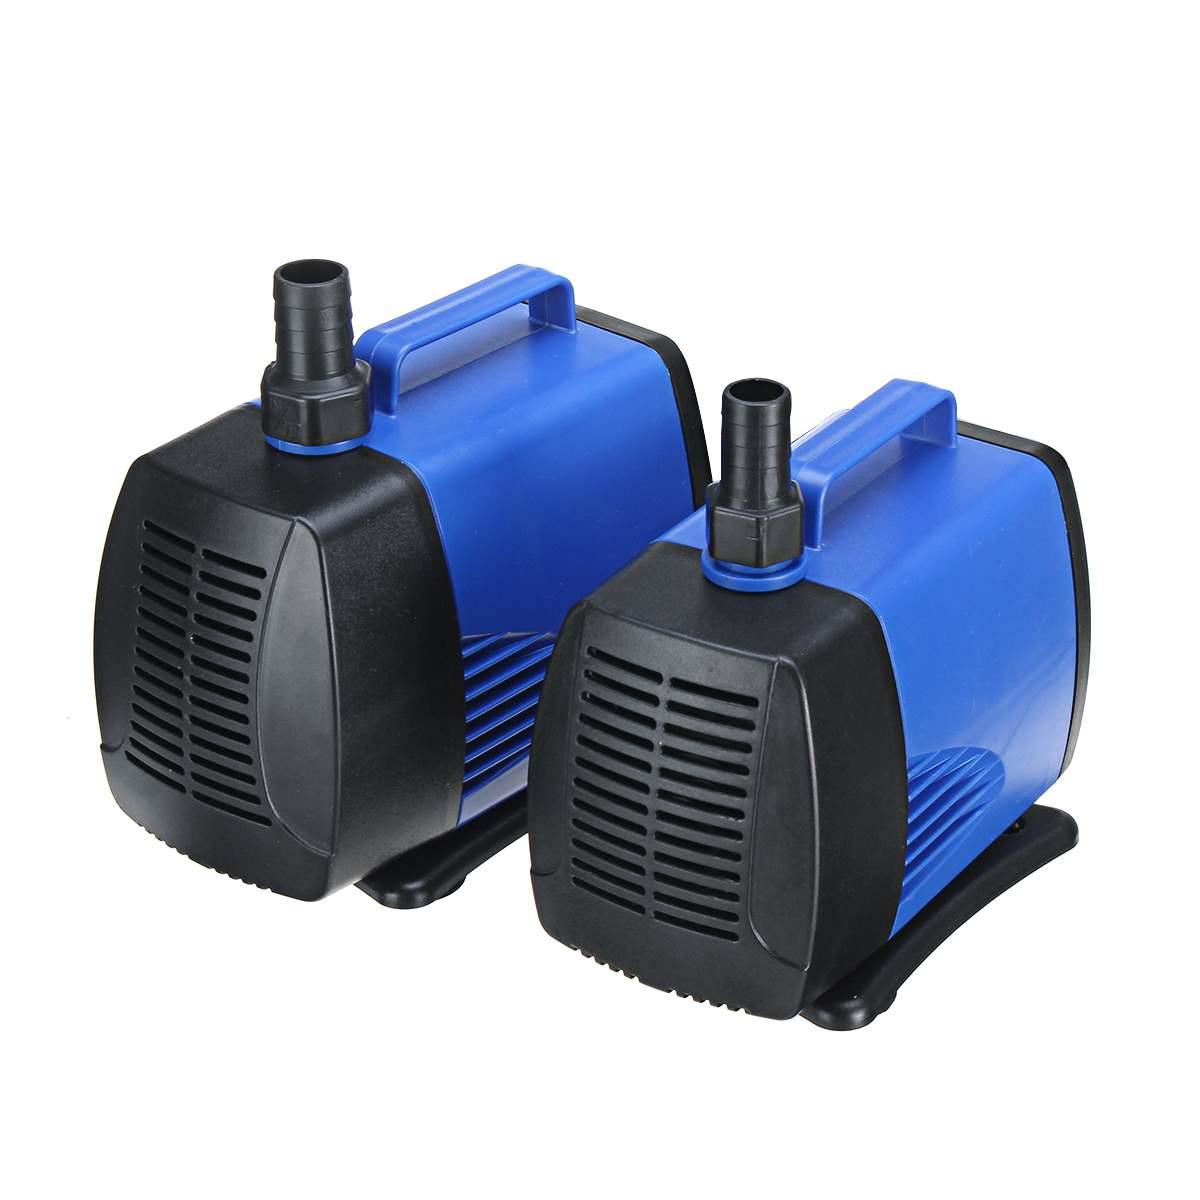 Bec pompe à eau 85/105/135 W réservoir de poisson Submersible pompe Ultra-silencieuse pour fontaine Aquarium étang pompe EU Plug